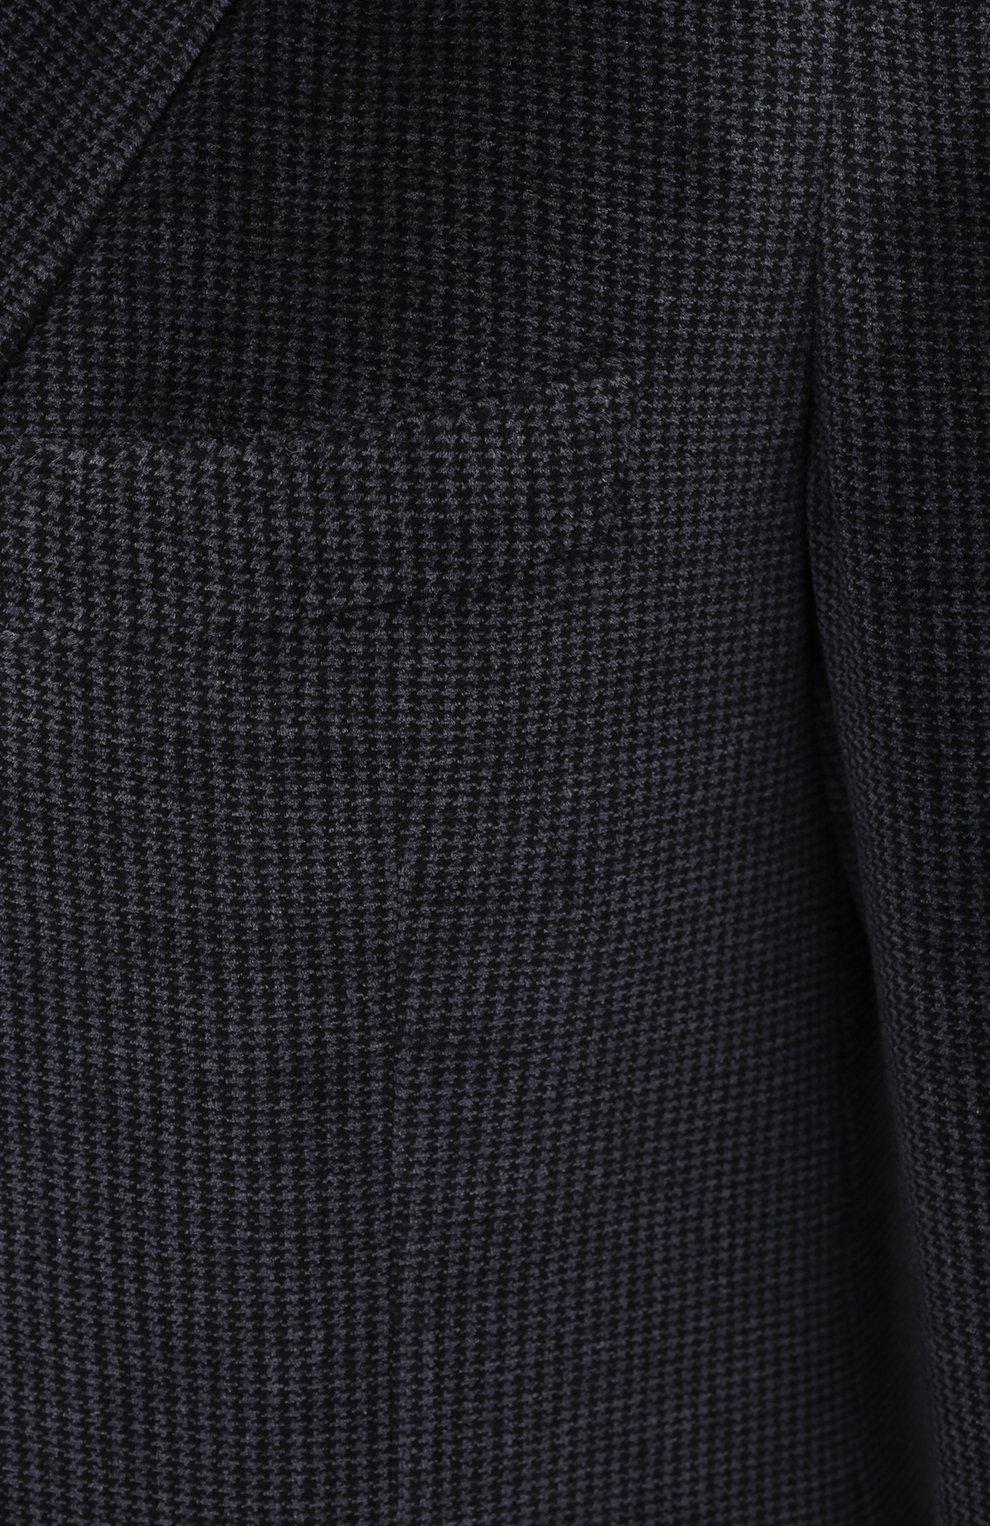 Мужской костюм KNT серого цвета, арт. UAS0101K01T28 | Фото 6 (Рукава: Длинные; Костюмы М: Однобортный; Материал внешний: Синтетический материал, Хлопок; Материал подклада: Купро; Стили: Кэжуэл)